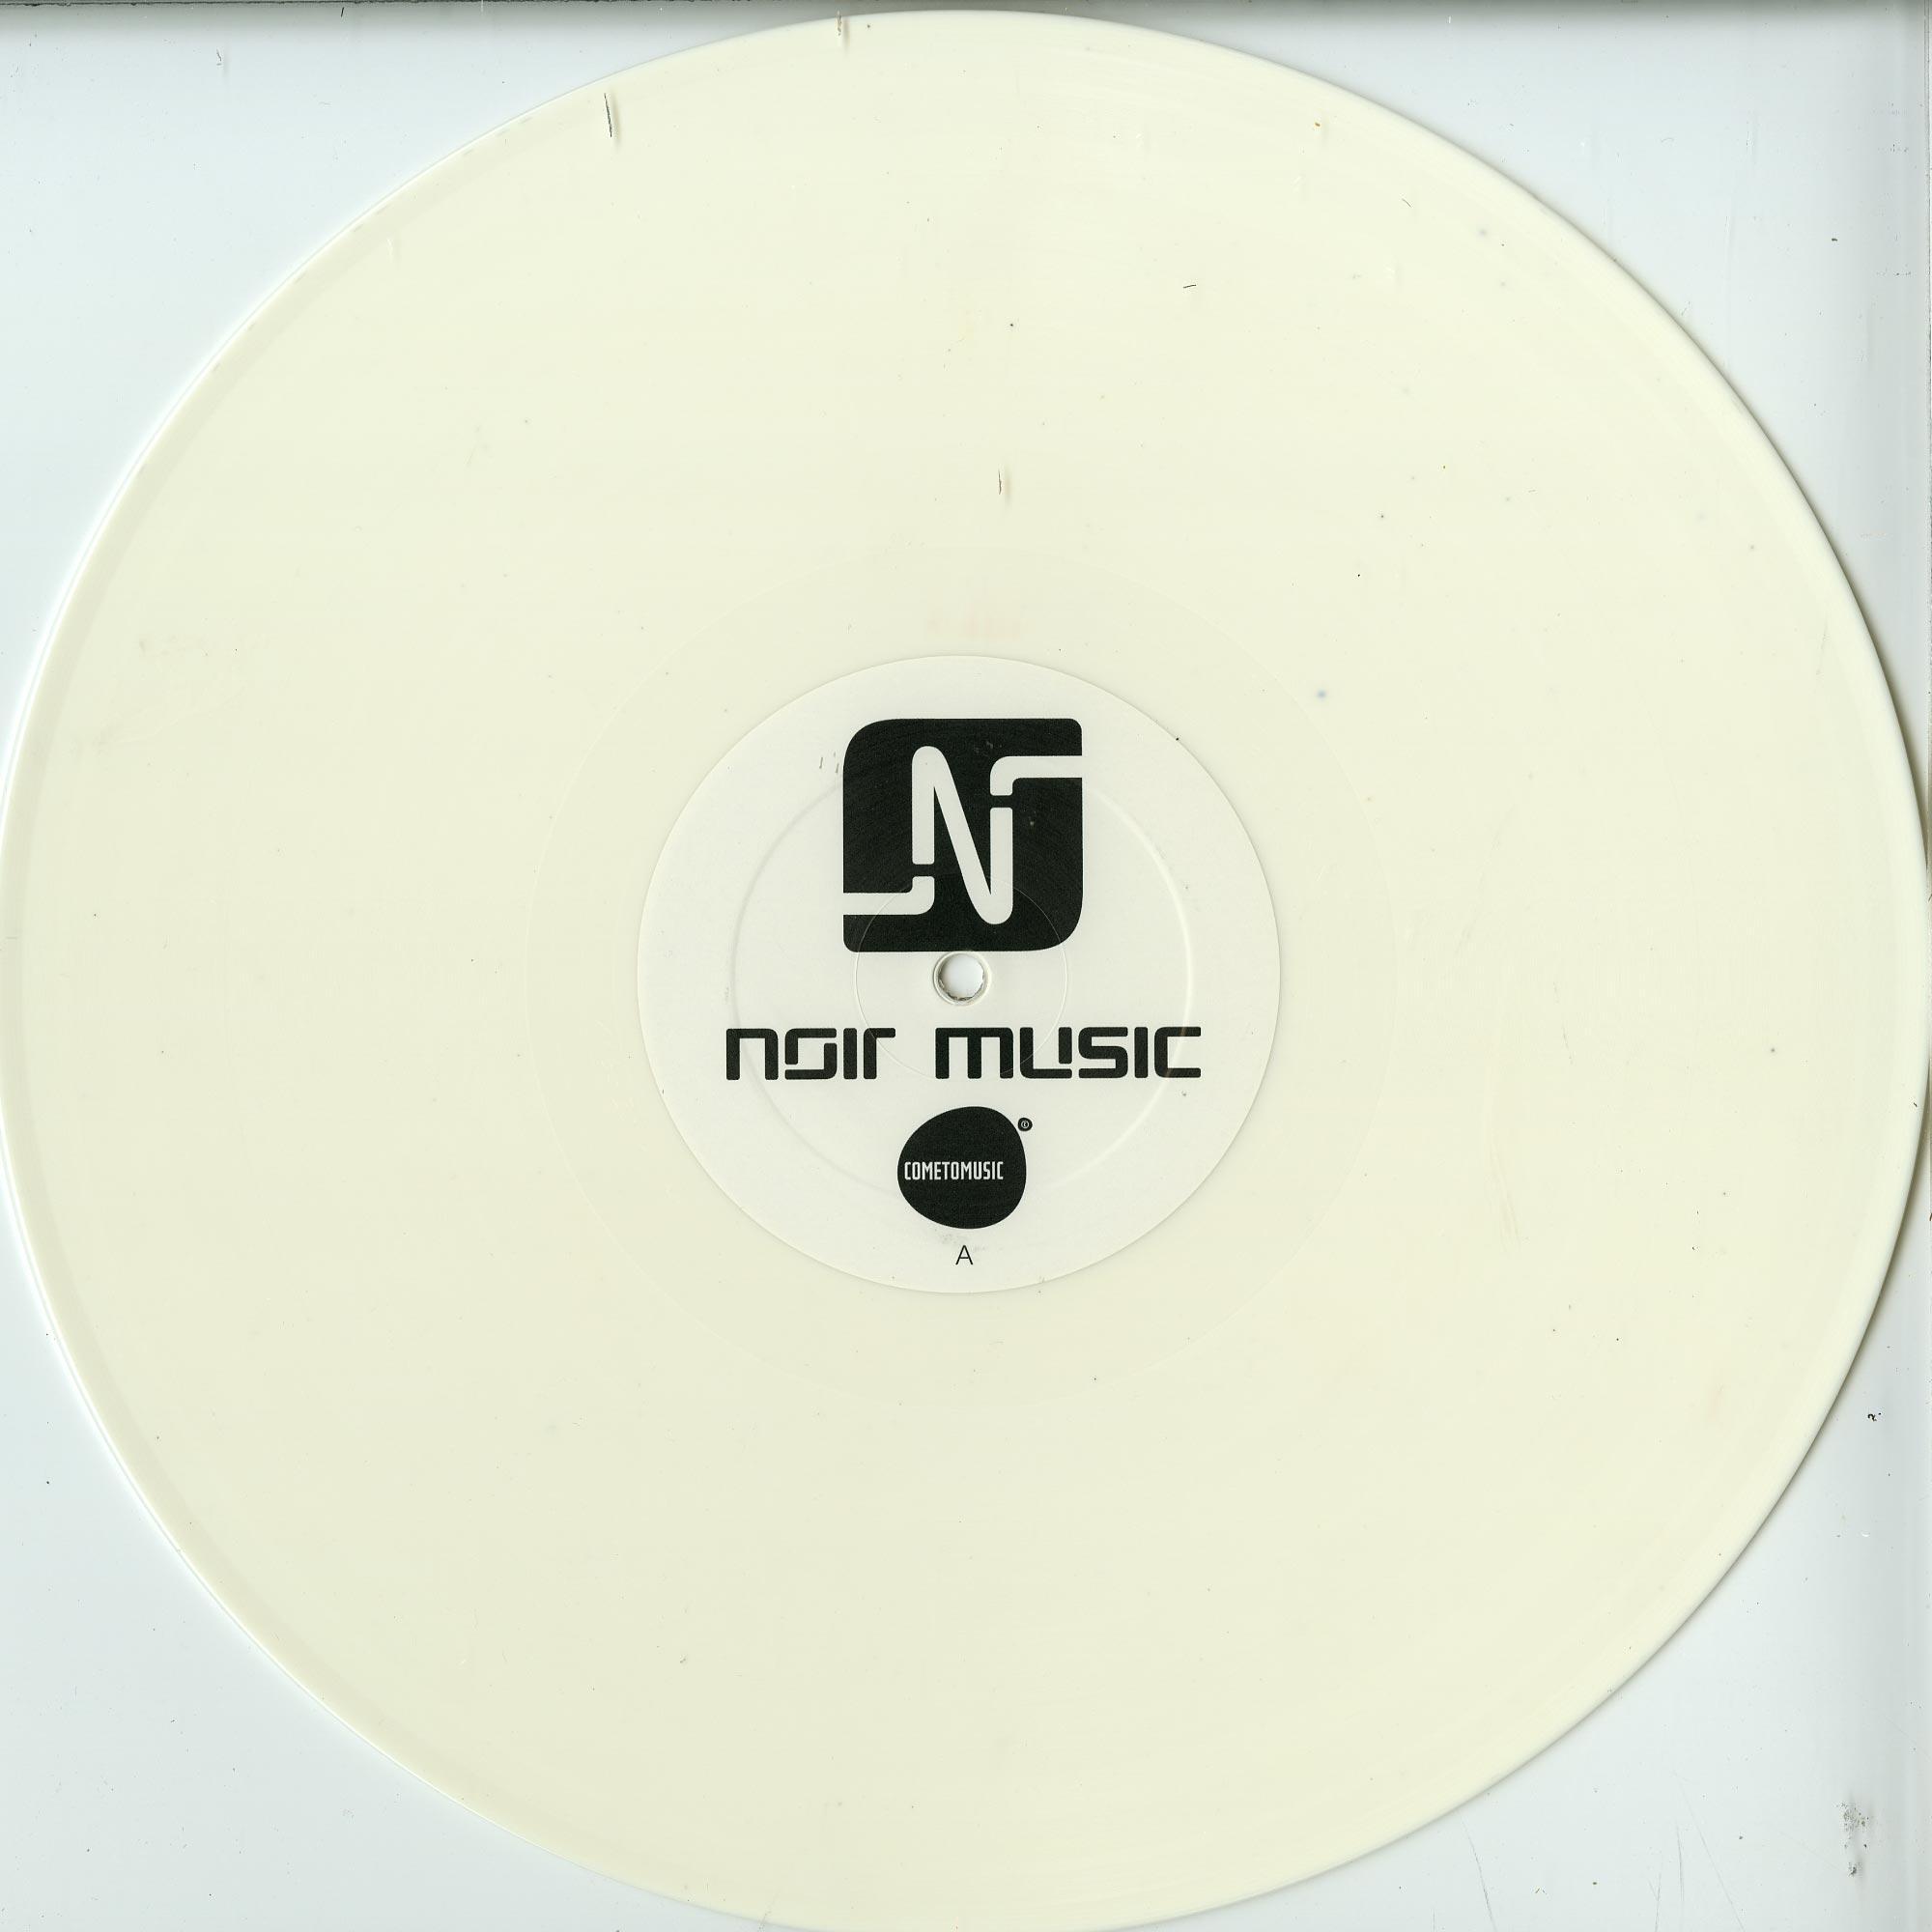 Noir Music - REMIX ONE